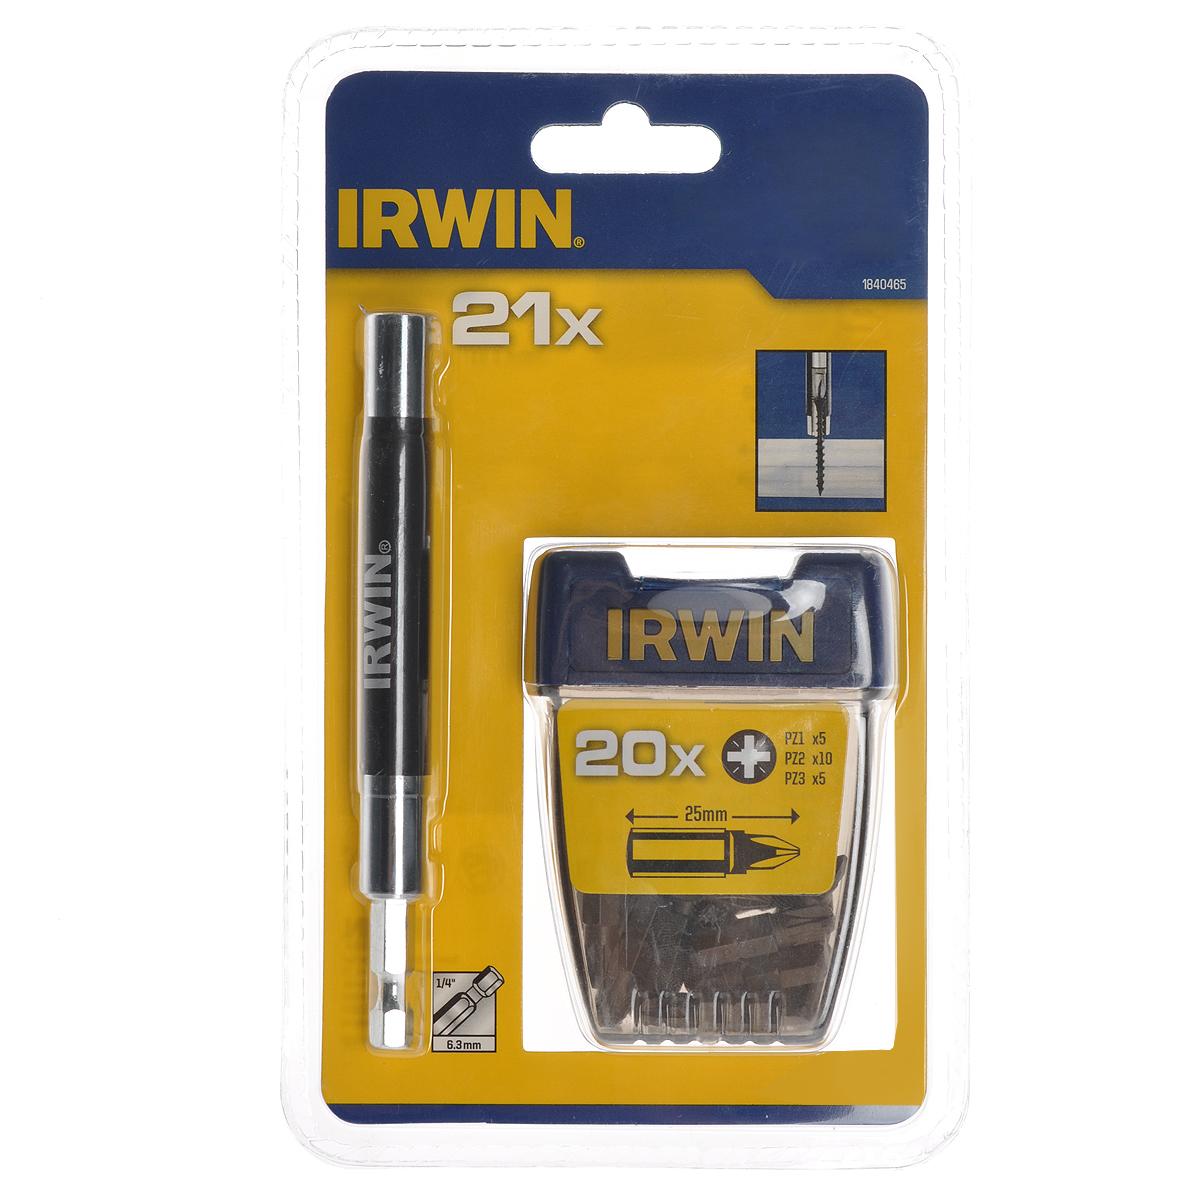 Набор бит с магнитным держателем Irwin, 1/4, 21 предмет1840465Набор бит с магнитным держателем Irwin предназначен для монтажа/демонтажа резьбовых соединений. Магнитный держатель имеет пружину для удобства закручивания шурупов. В набор входят биты крестовые РZ1 - 5 шт, РZ2 - 10 шт, РZ3 - 5 шт, магнитный держатель 1/4 длиной 12 см.